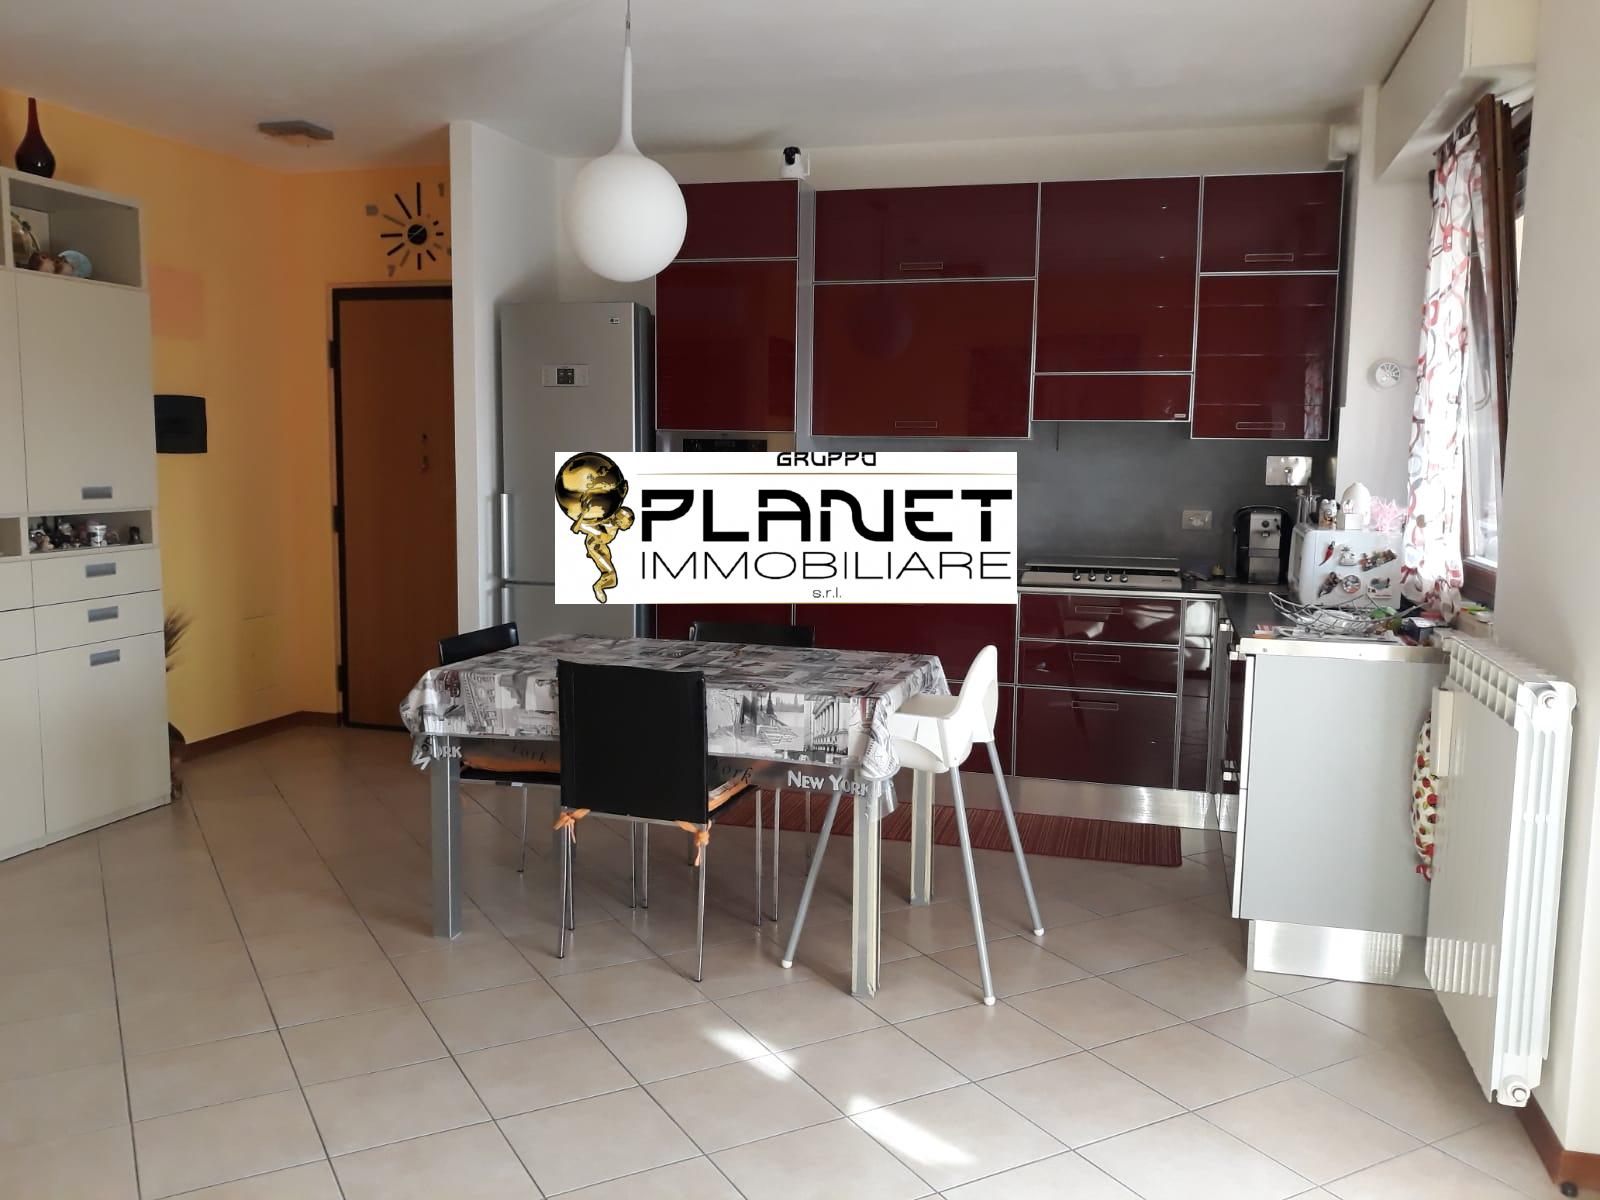 arezzo vendita quart: pratantico-indicatore gruppo planet immobiliare s.r.l.